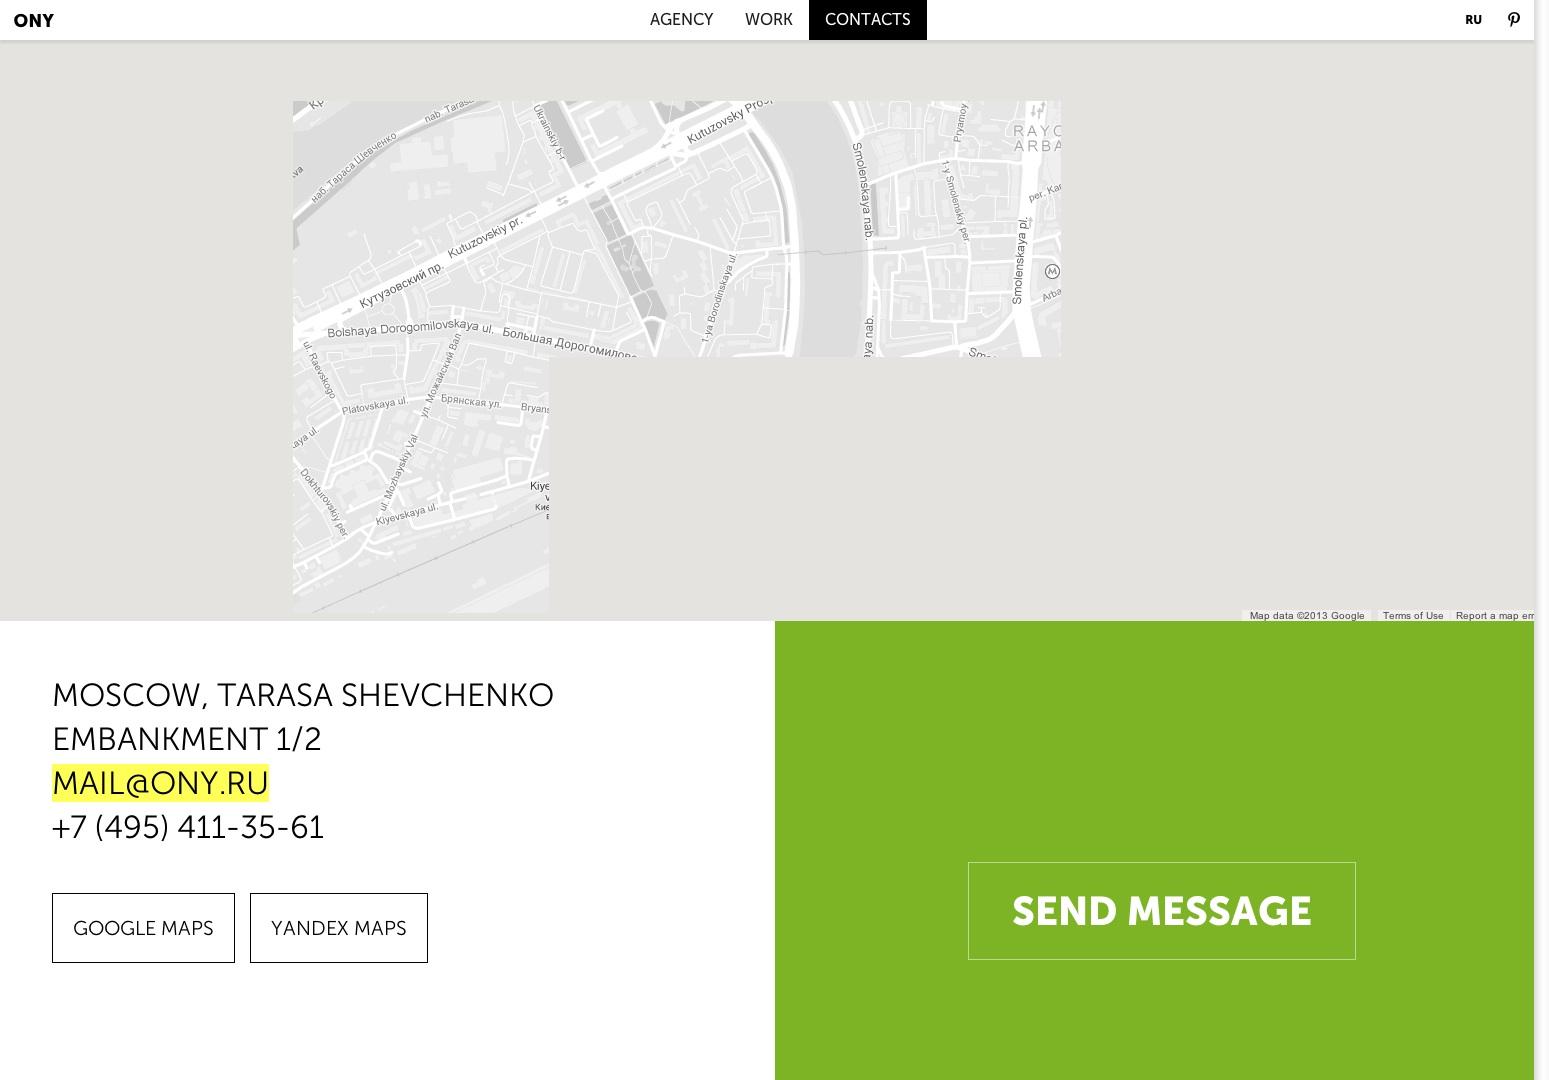 http --- en.ony.ru-kontakty (20131101)